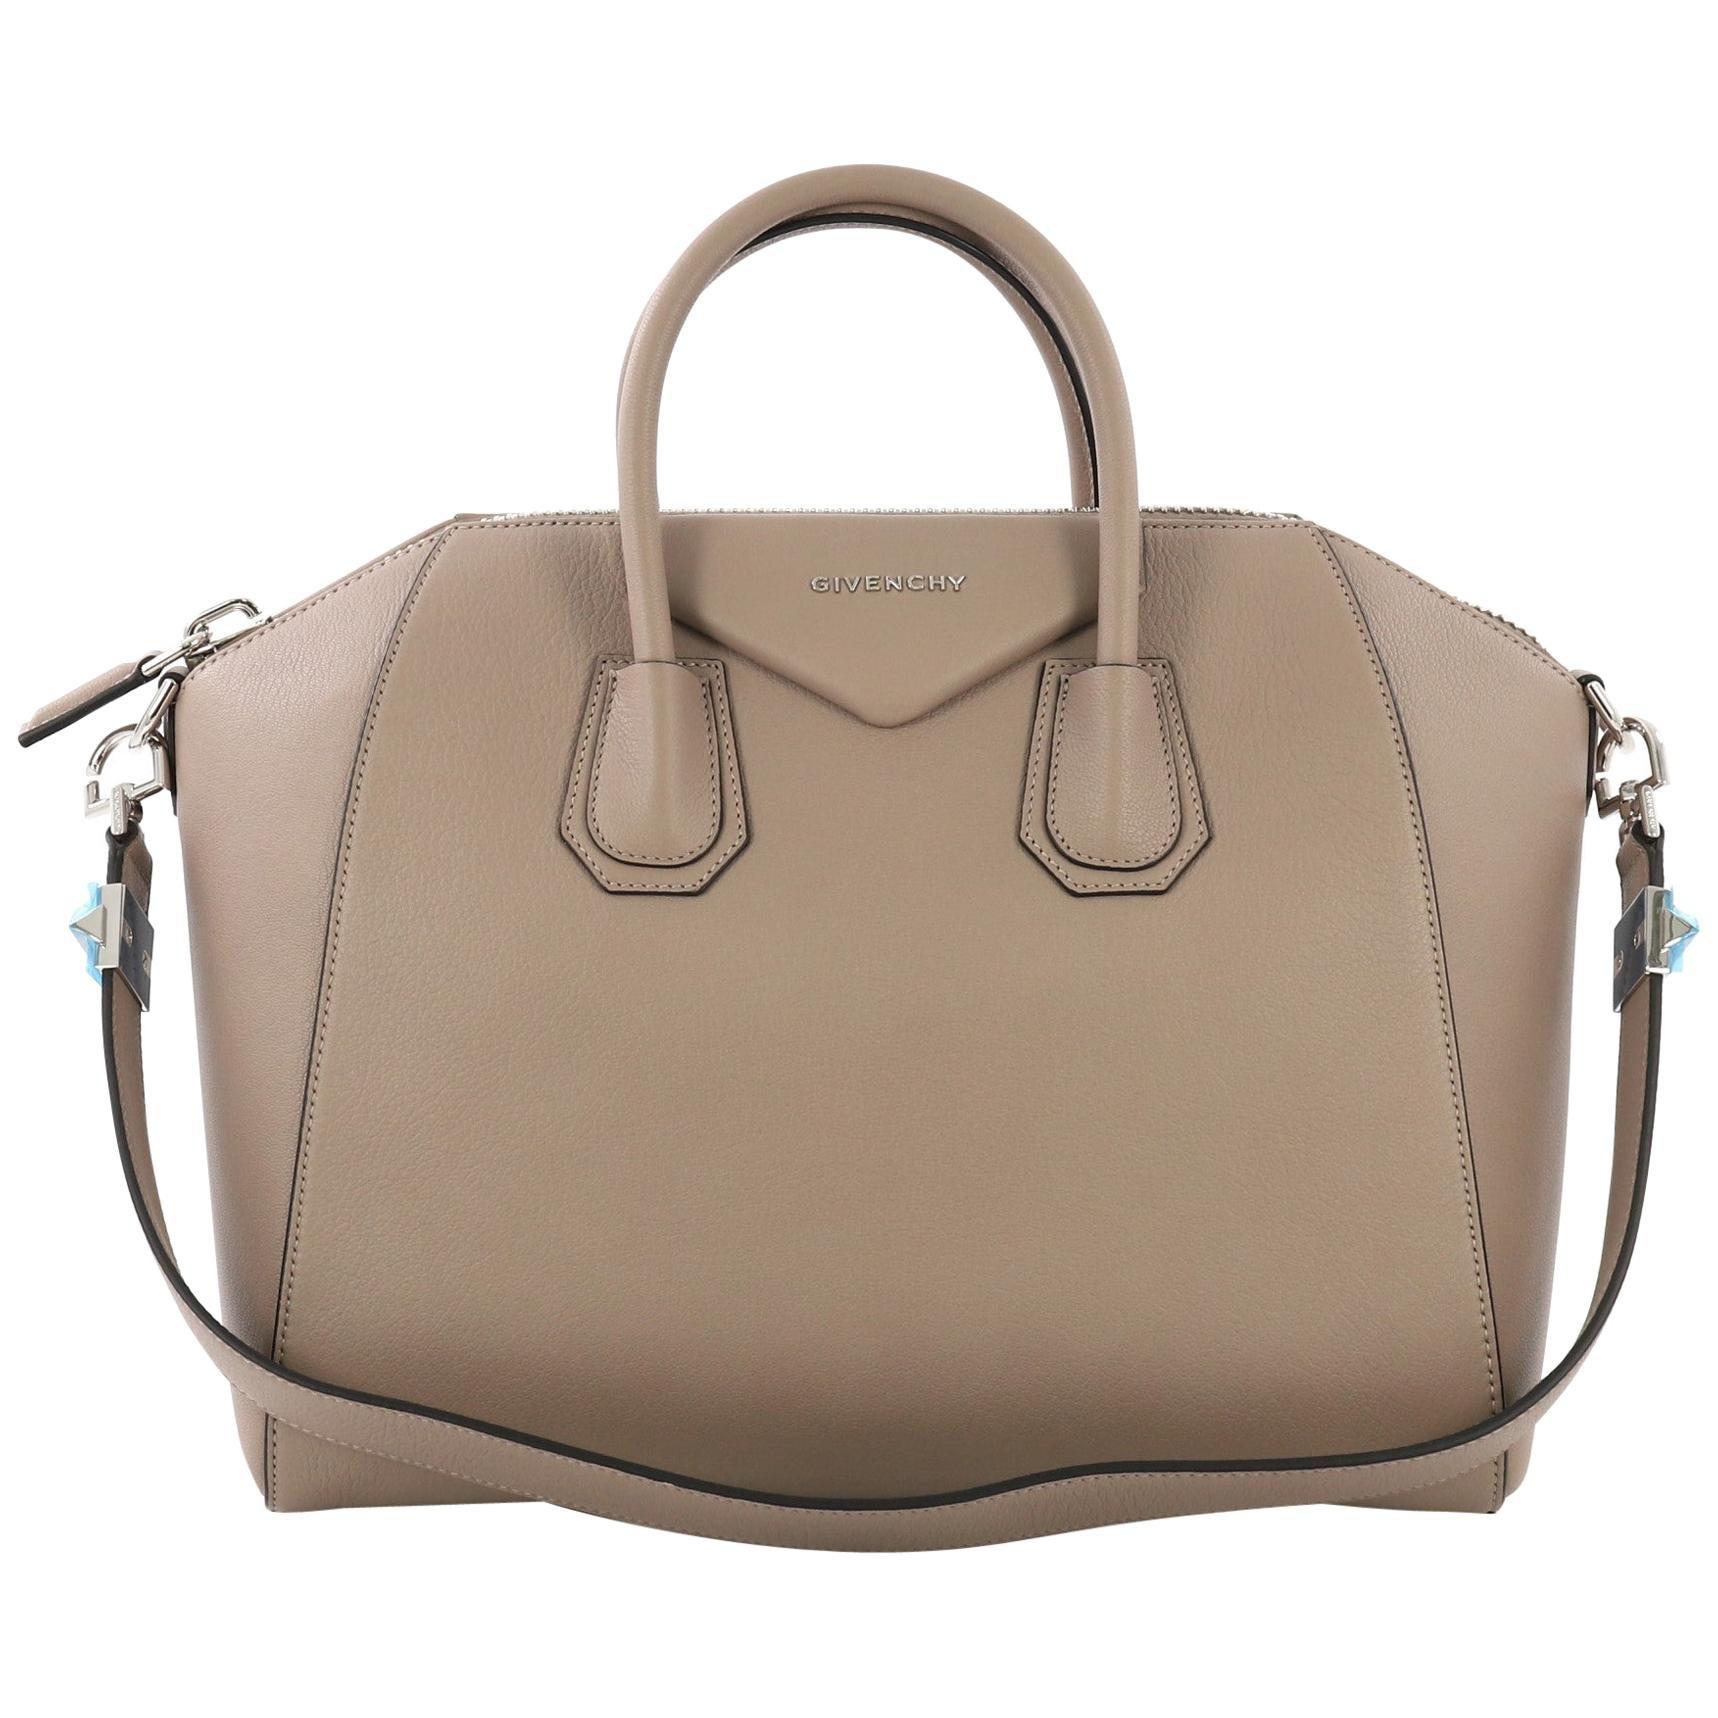 ca98e1e0e0 Givenchy Plum Purple Leather Nightingale Mini Handbag at 1stdibs